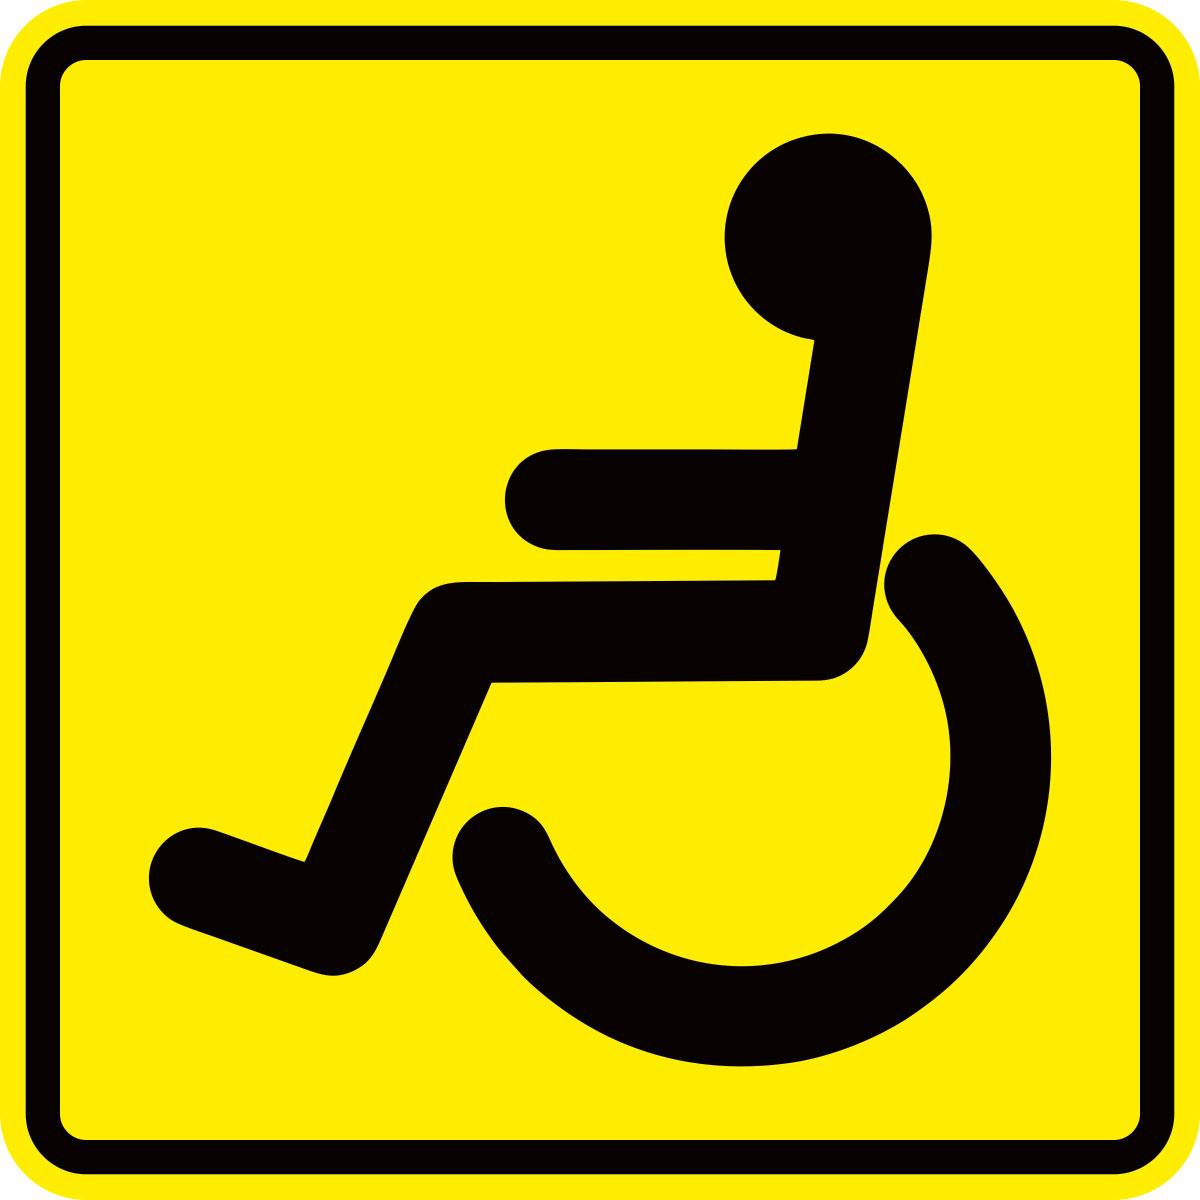 Наклейка автомобильная Оранжевый слоник Инвалид, виниловая наклейка автомобильная decoretto великая отечественная виниловая 37 х 50 см